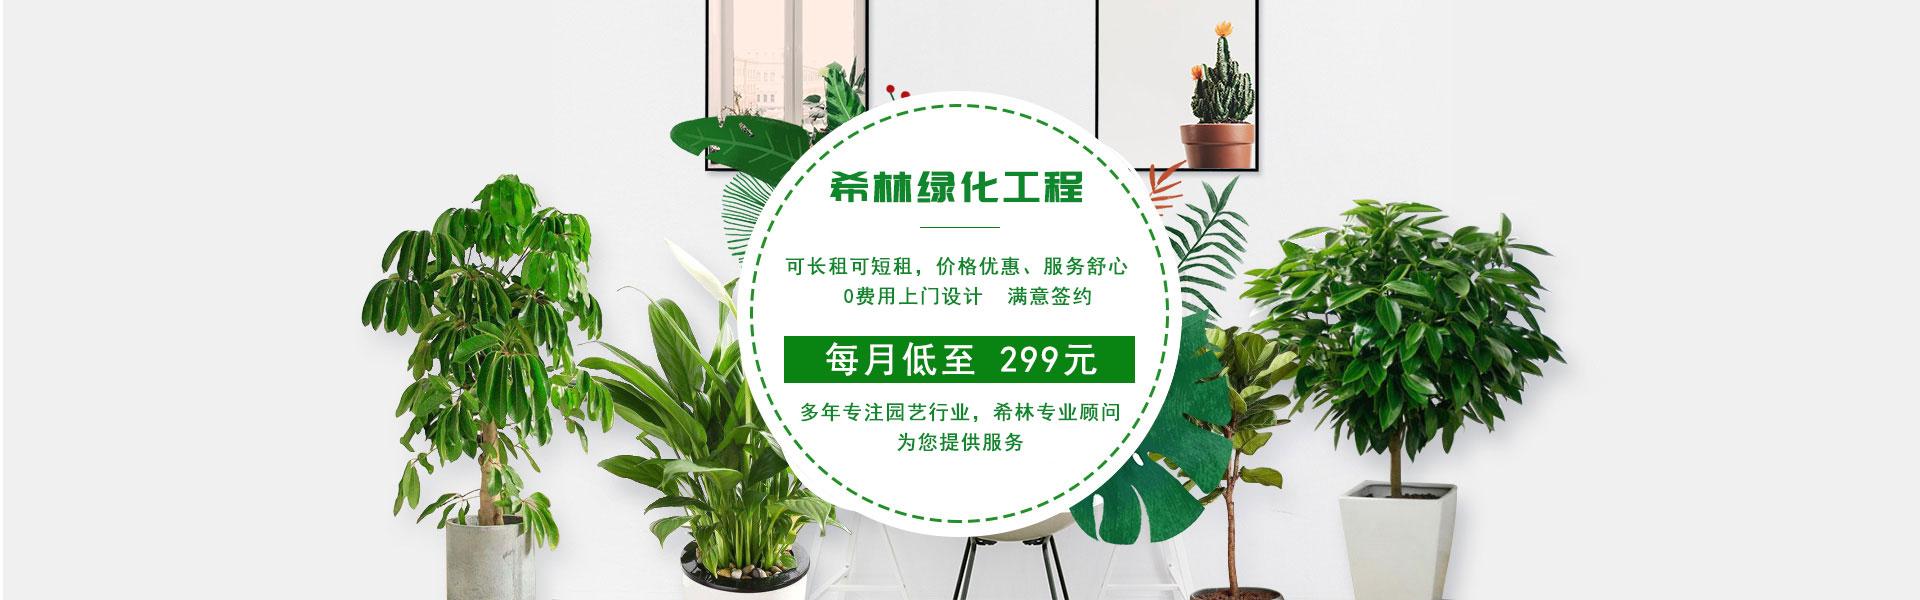 无锡绿化养护